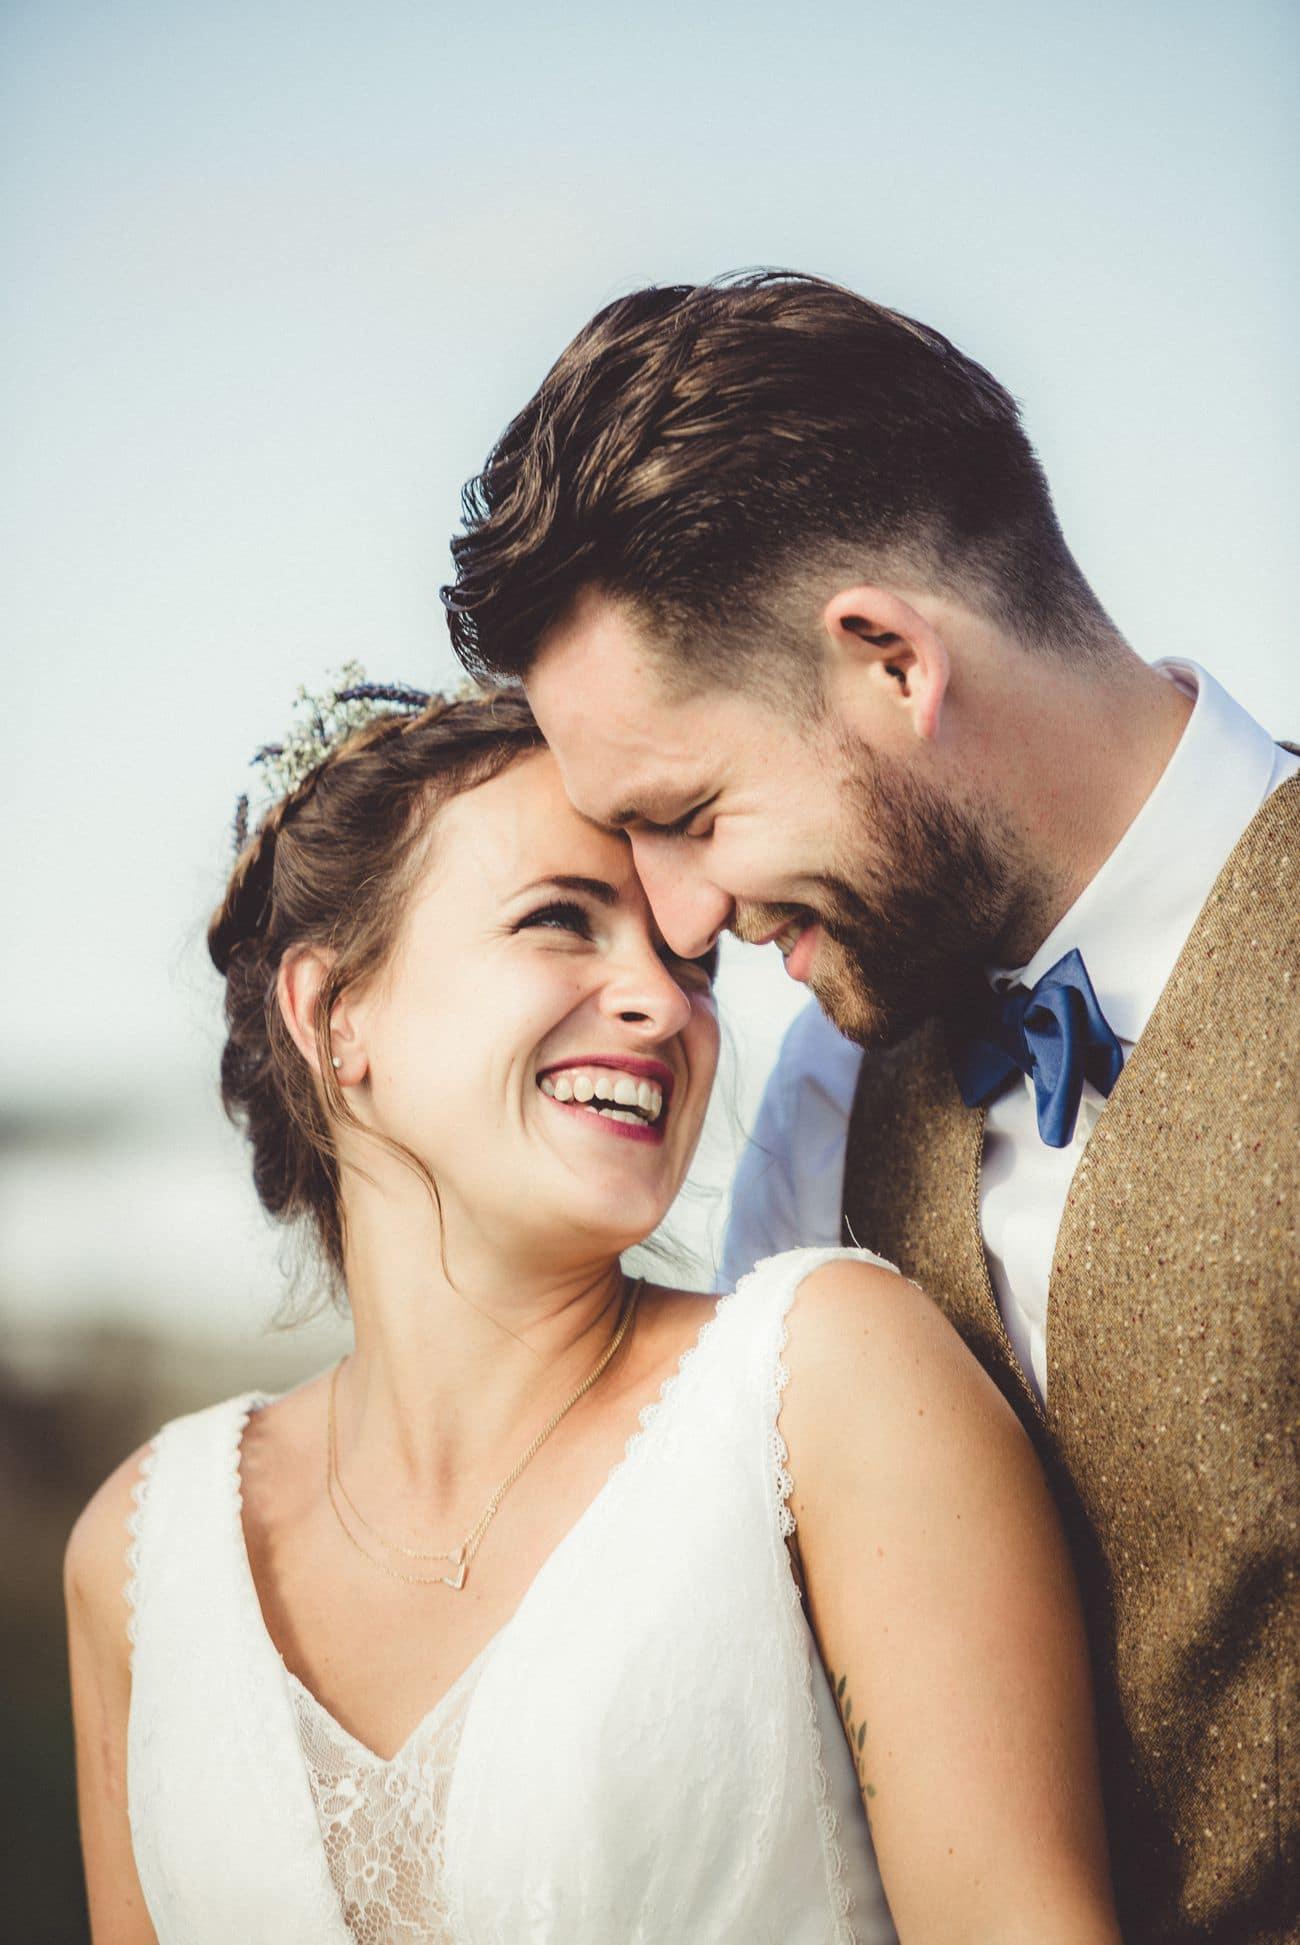 Hochzeitsfotograf_Gut_Wolletz 106